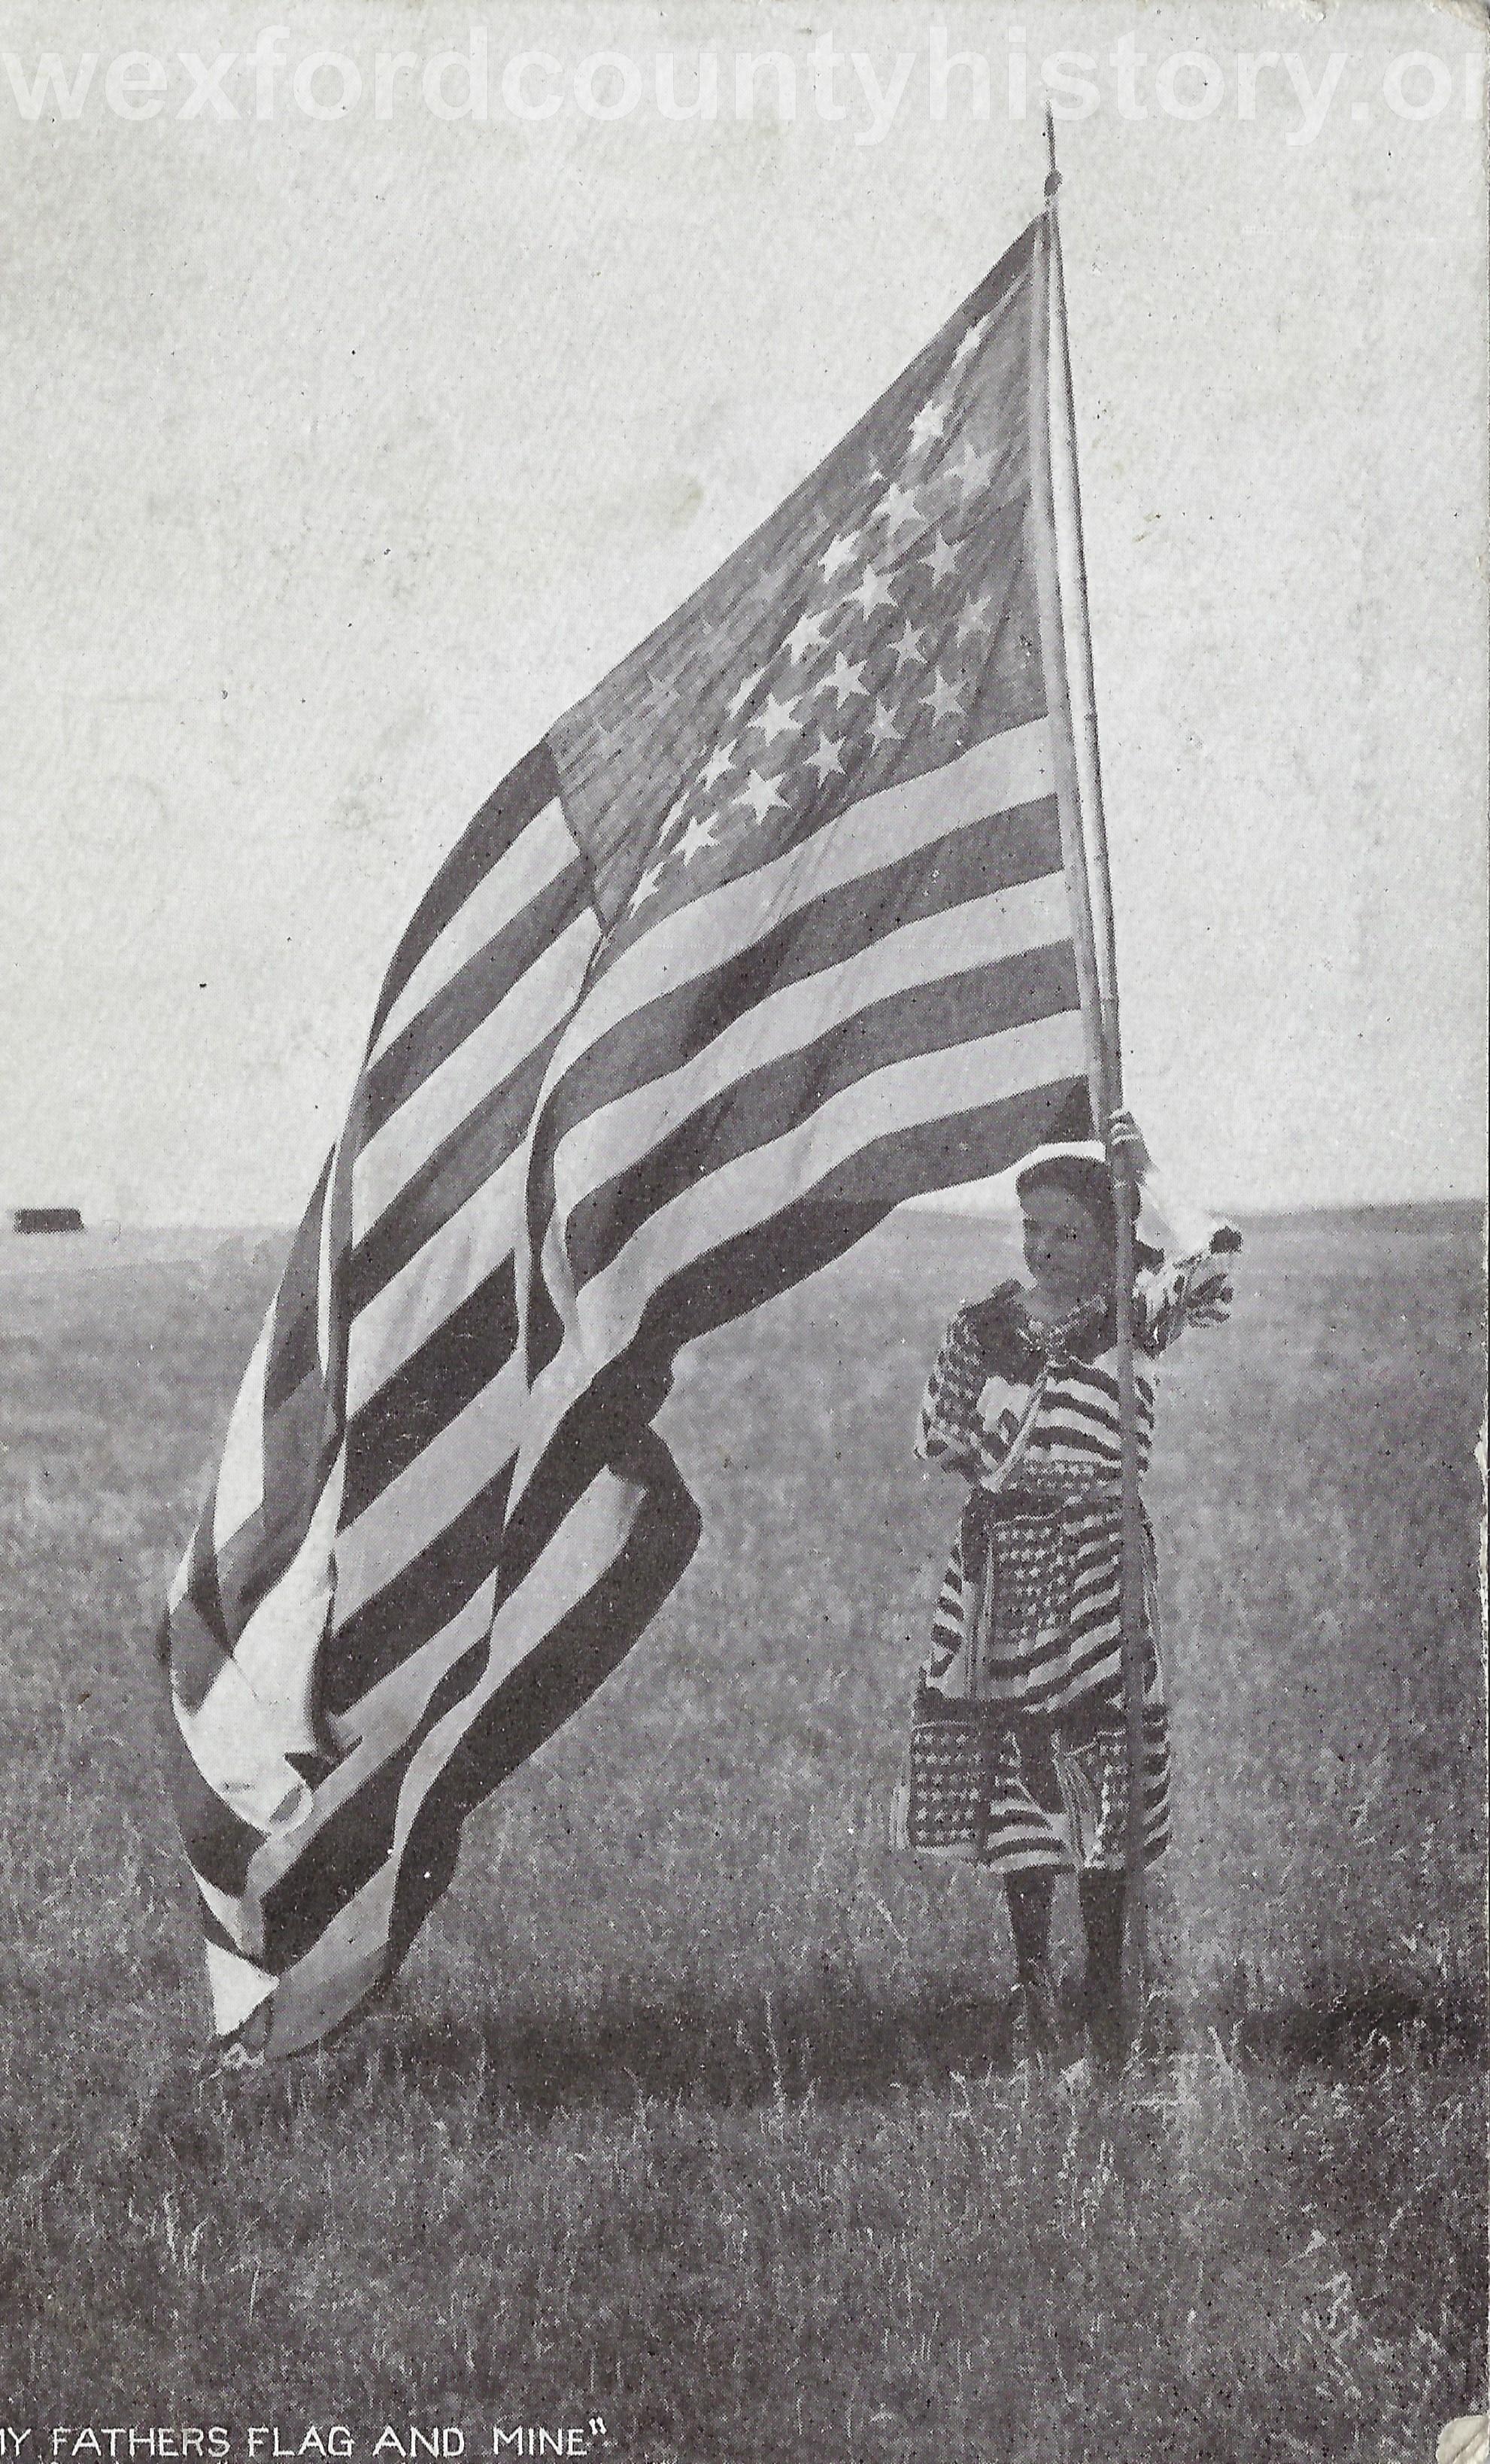 Cadillac-Parade-1918-11-14-Peace-Parade-17